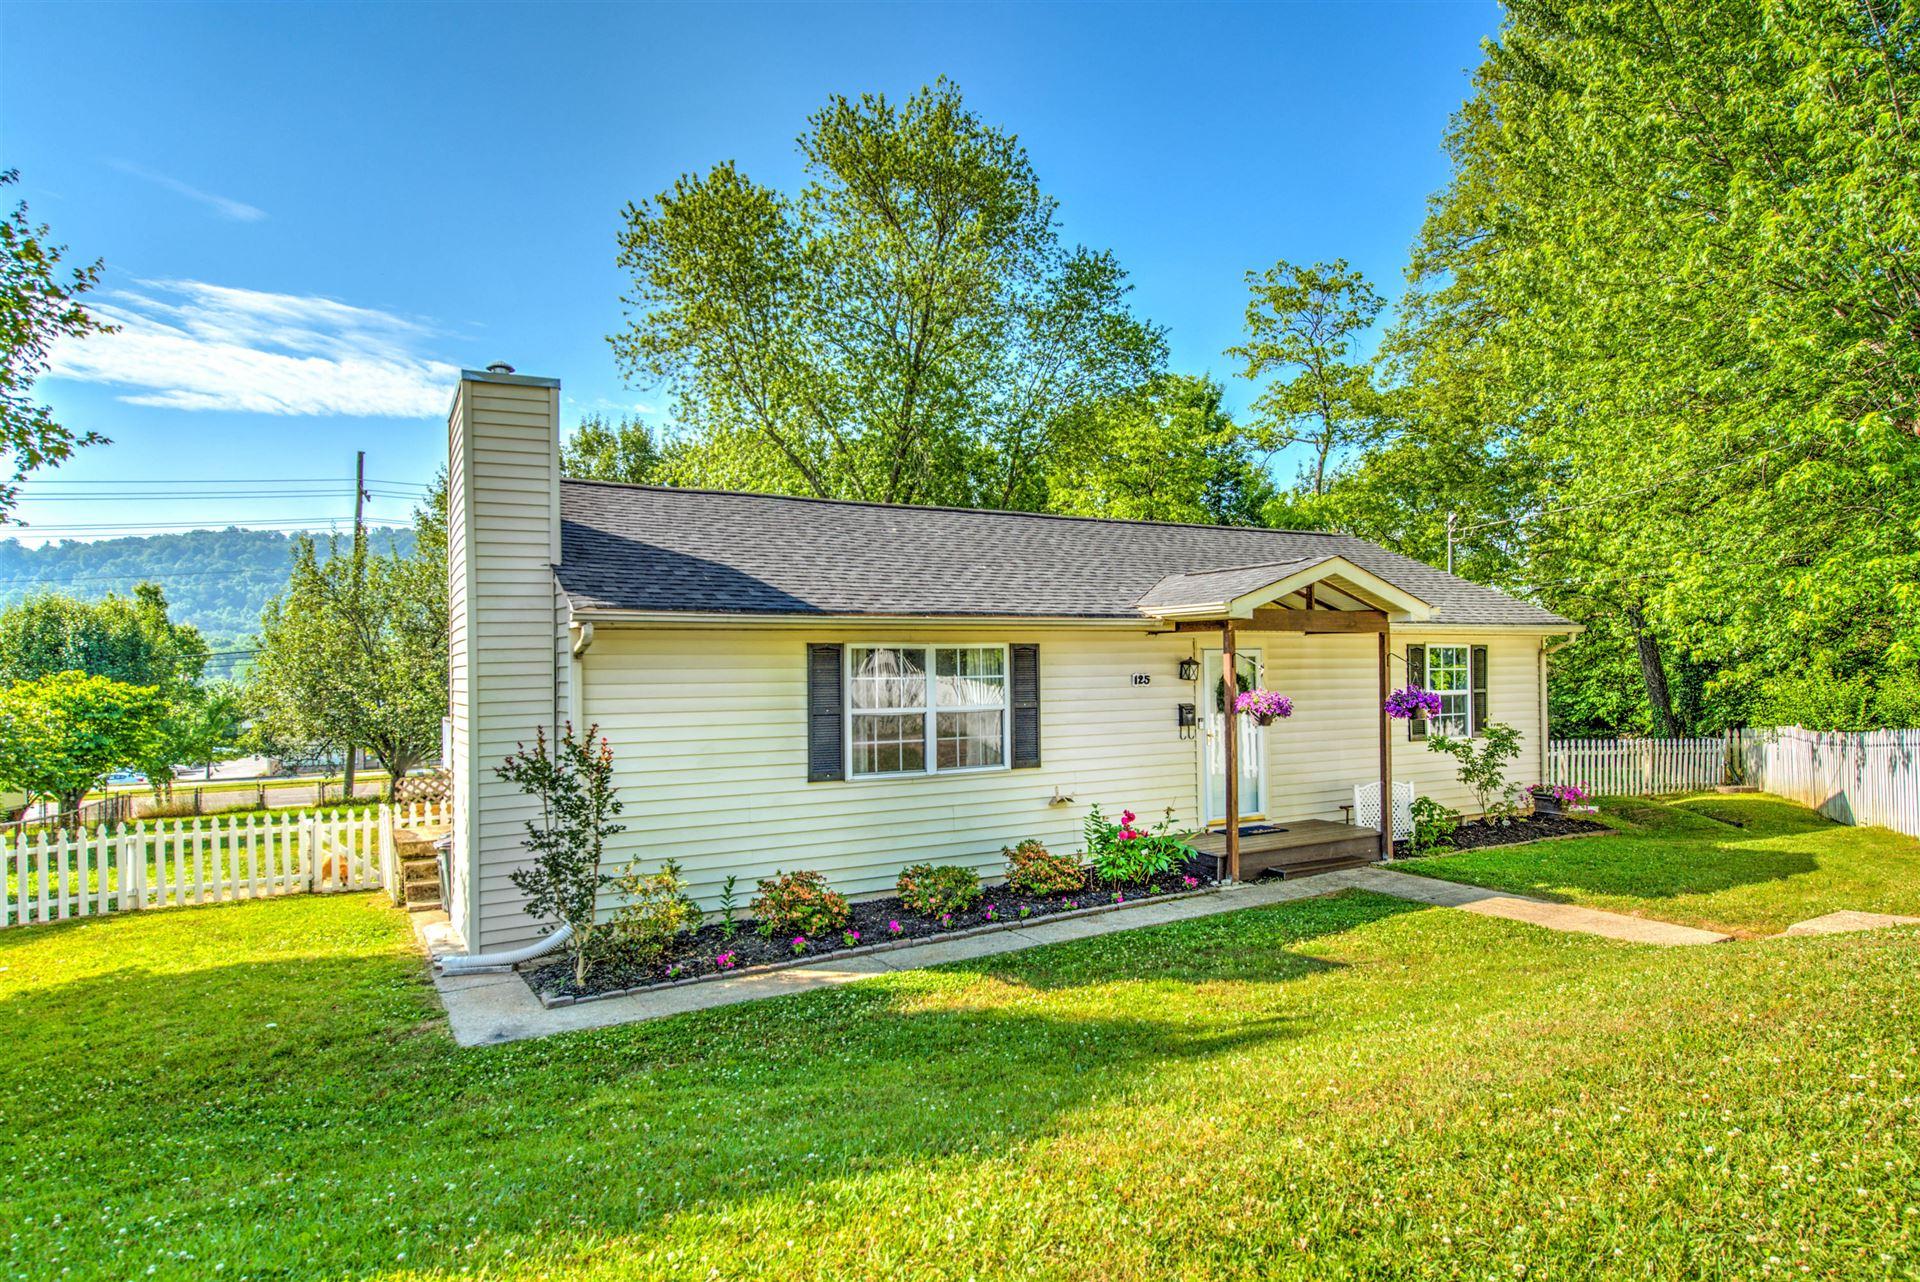 Photo of 125 Aspen Lane, Oak Ridge, TN 37830 (MLS # 1154740)